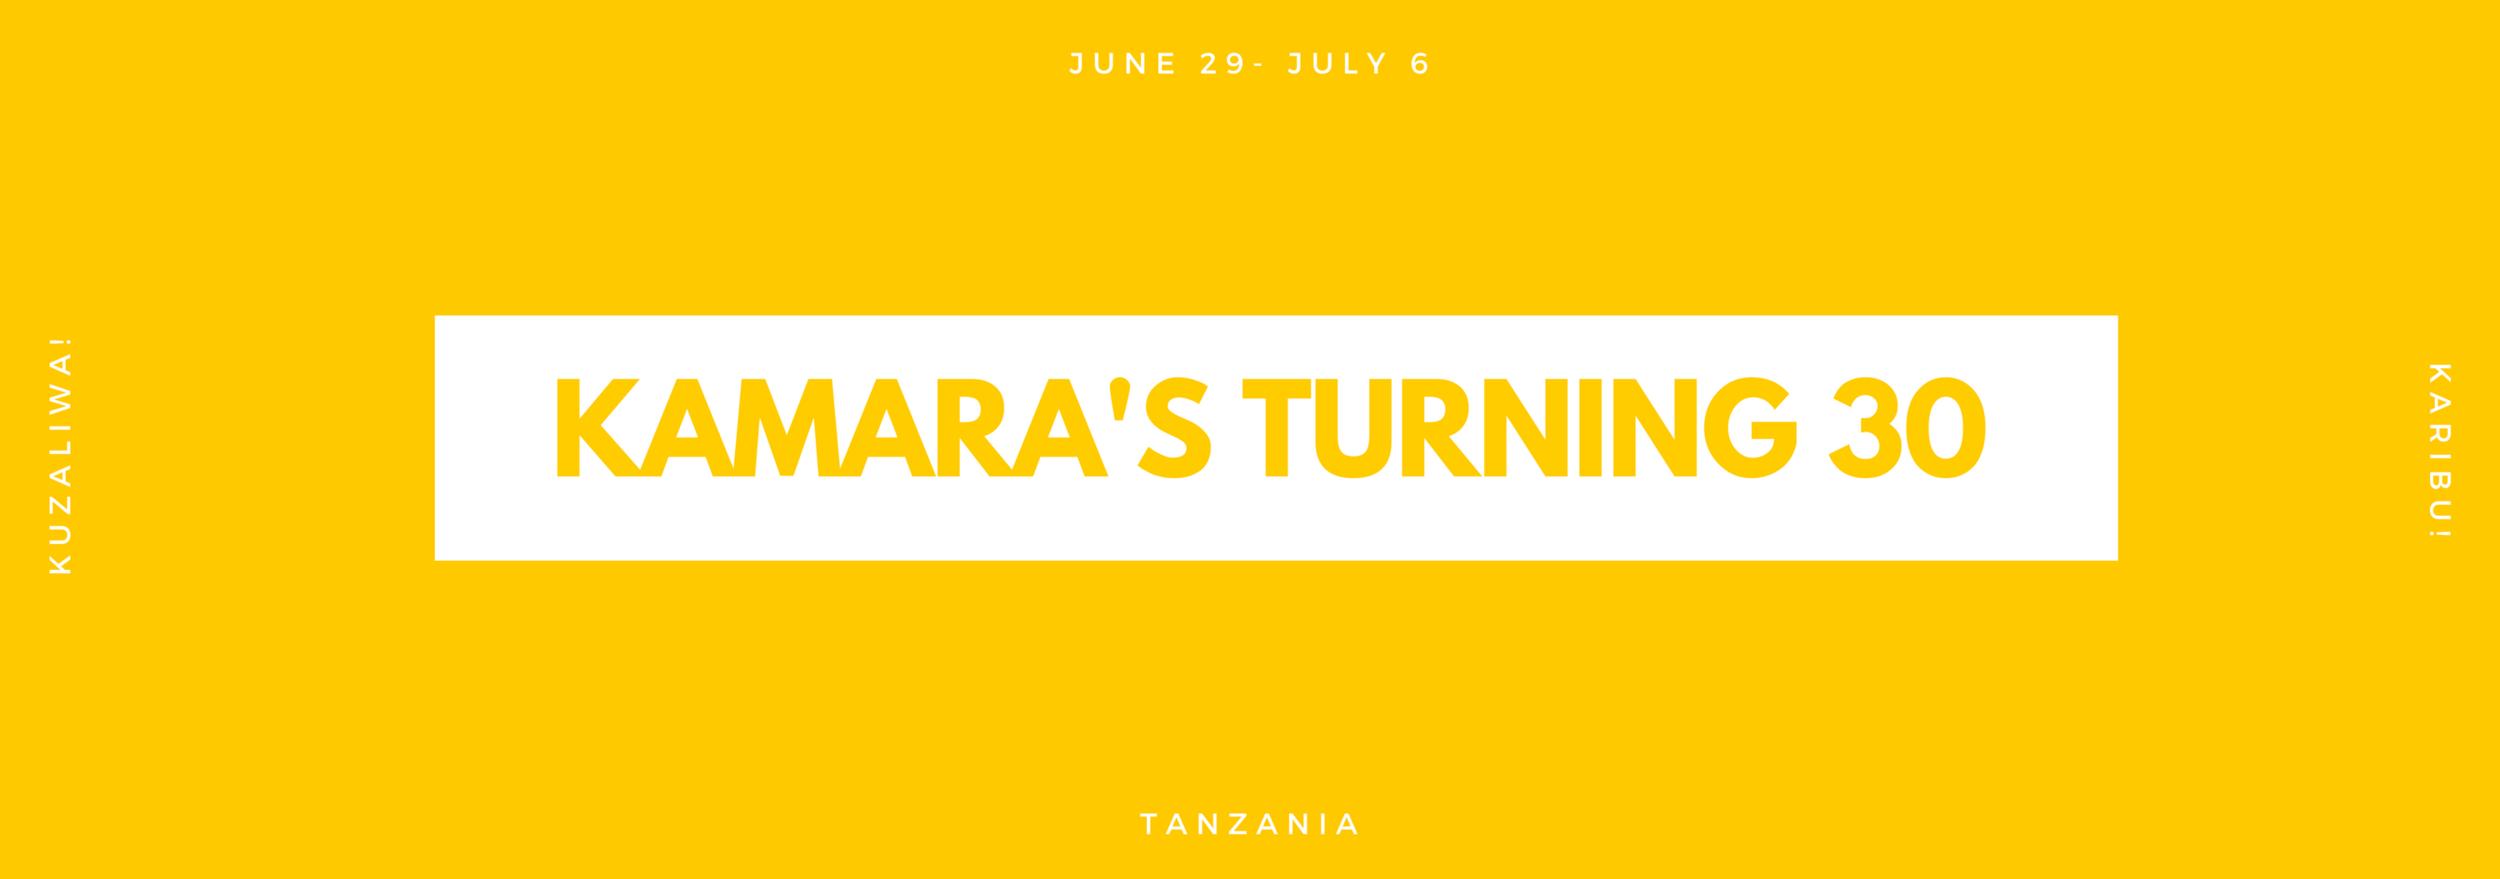 Kamara's 30th Birthday